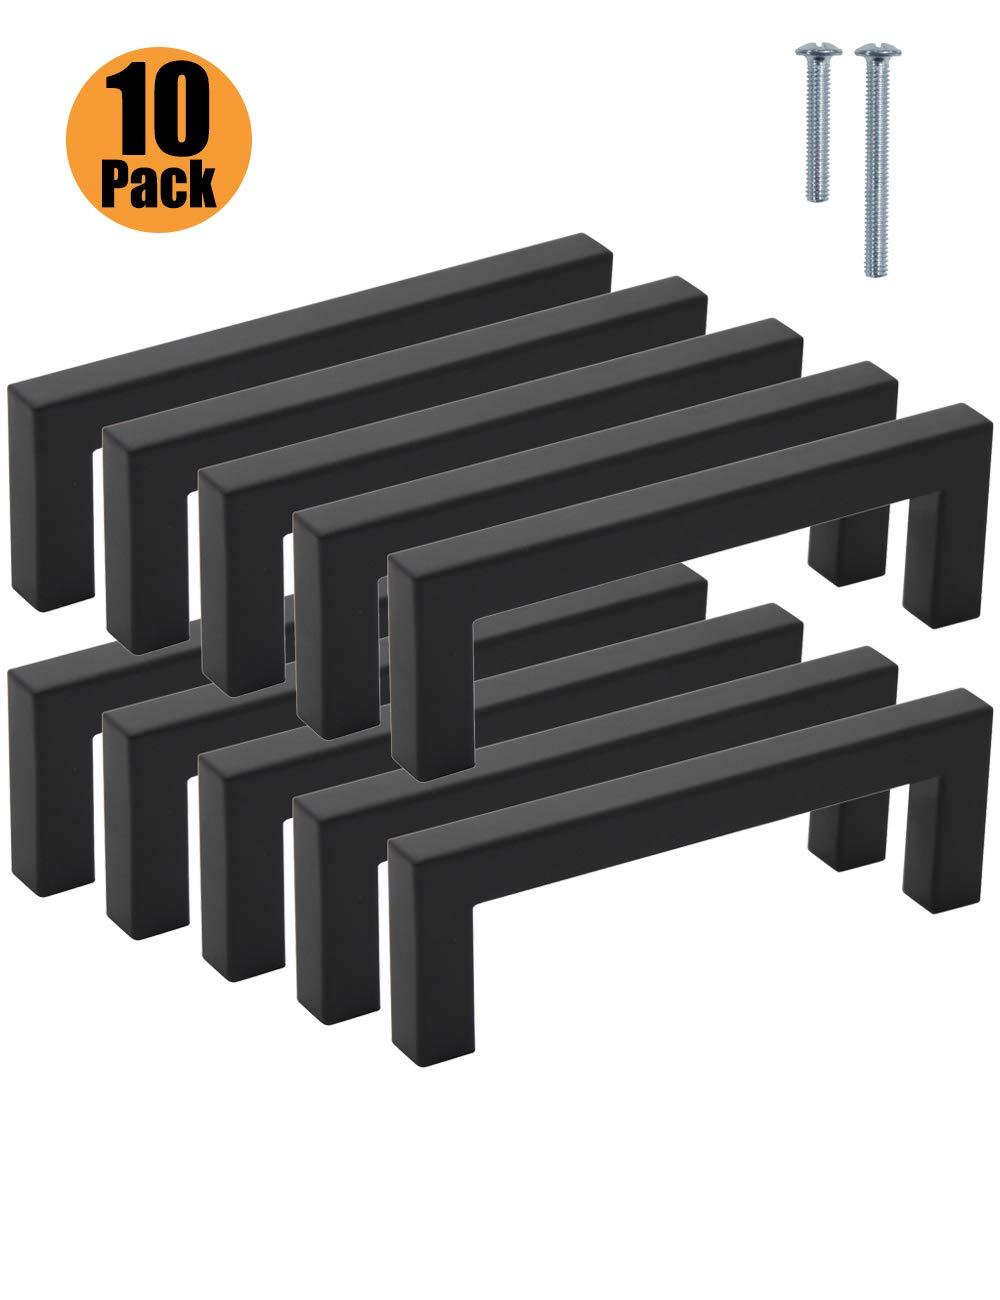 colore: nero maniglie per ante di armadietti da cucina nero in acciaio inox credenze per camera da letto Pinlin larghezza 12 mm foro centrale cassetti